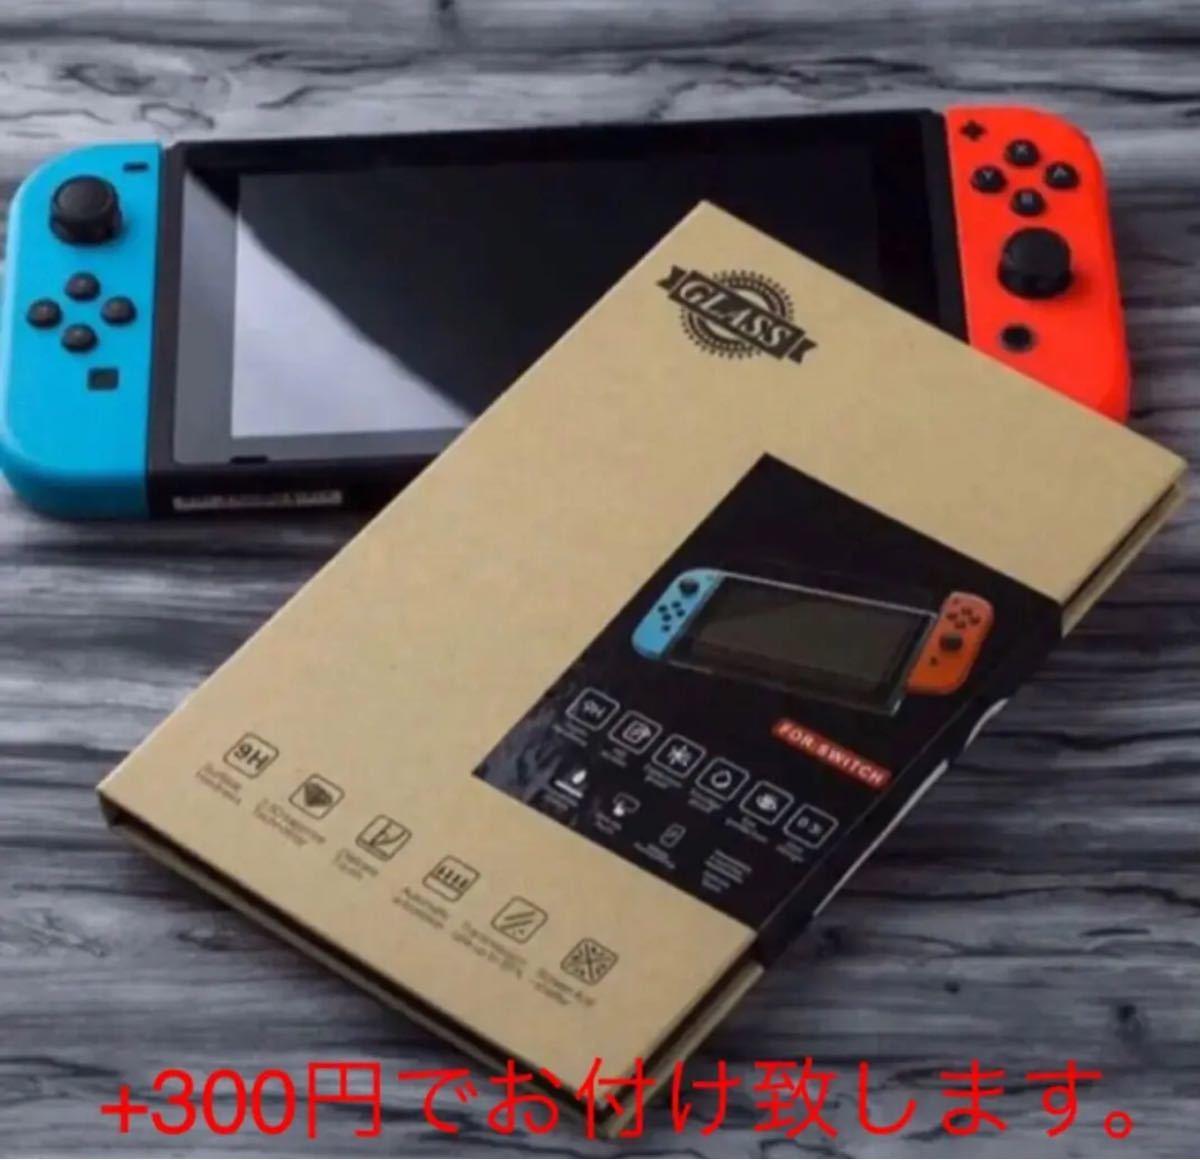 Nintendo Switch 保護ケース ジョイコンステックカバー2どうぶつ森